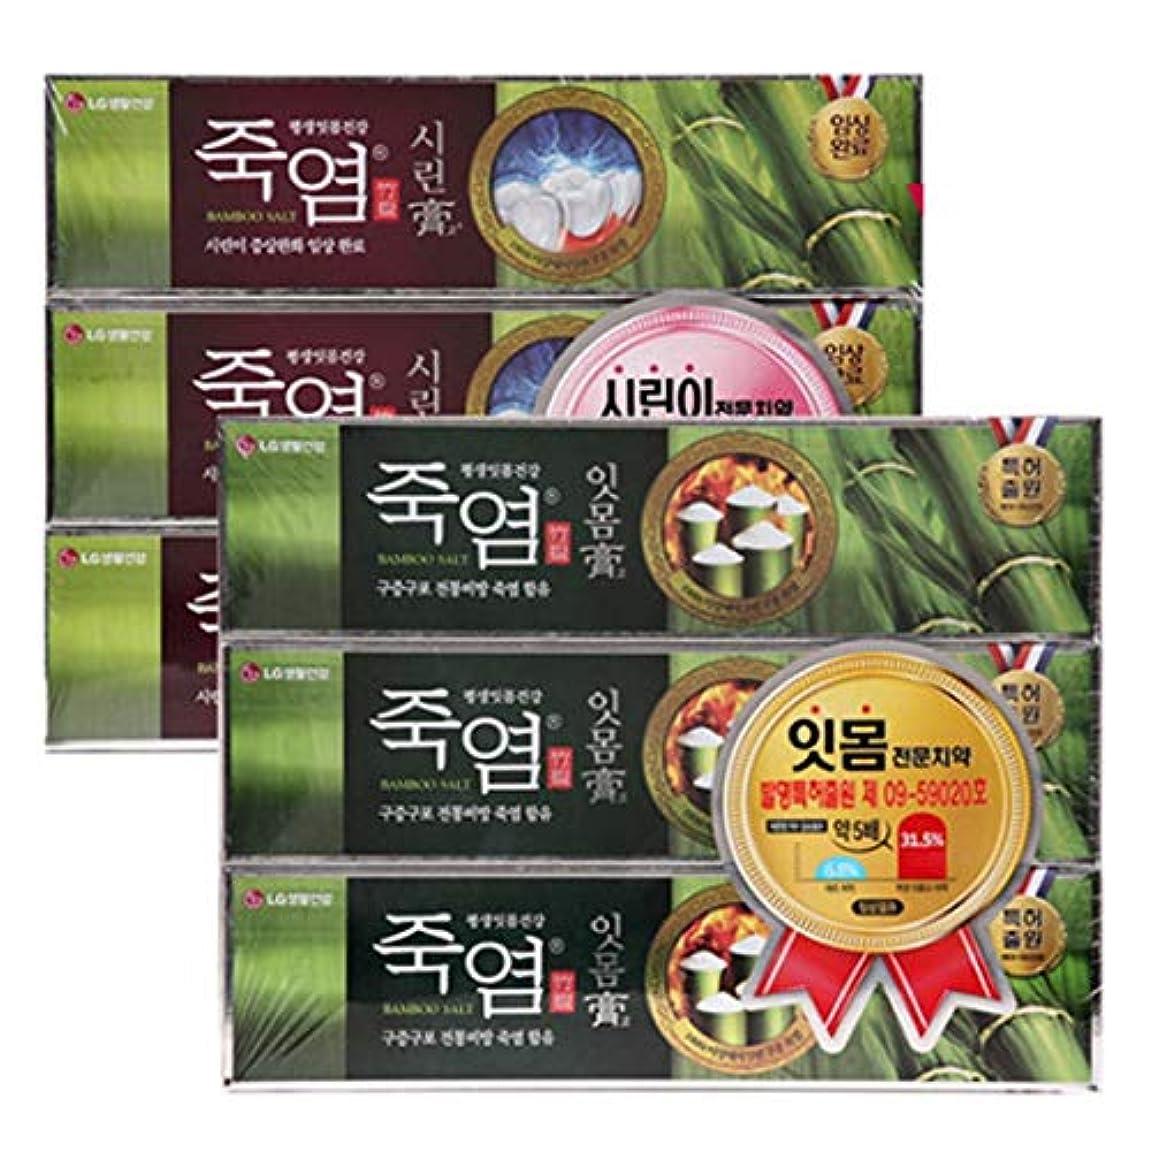 ペアミット夢中[LG HnB] Bamboo salt gum. Crying toothpaste/竹塩ガムと。つぶれた歯磨き粉 120gx6個(海外直送品)